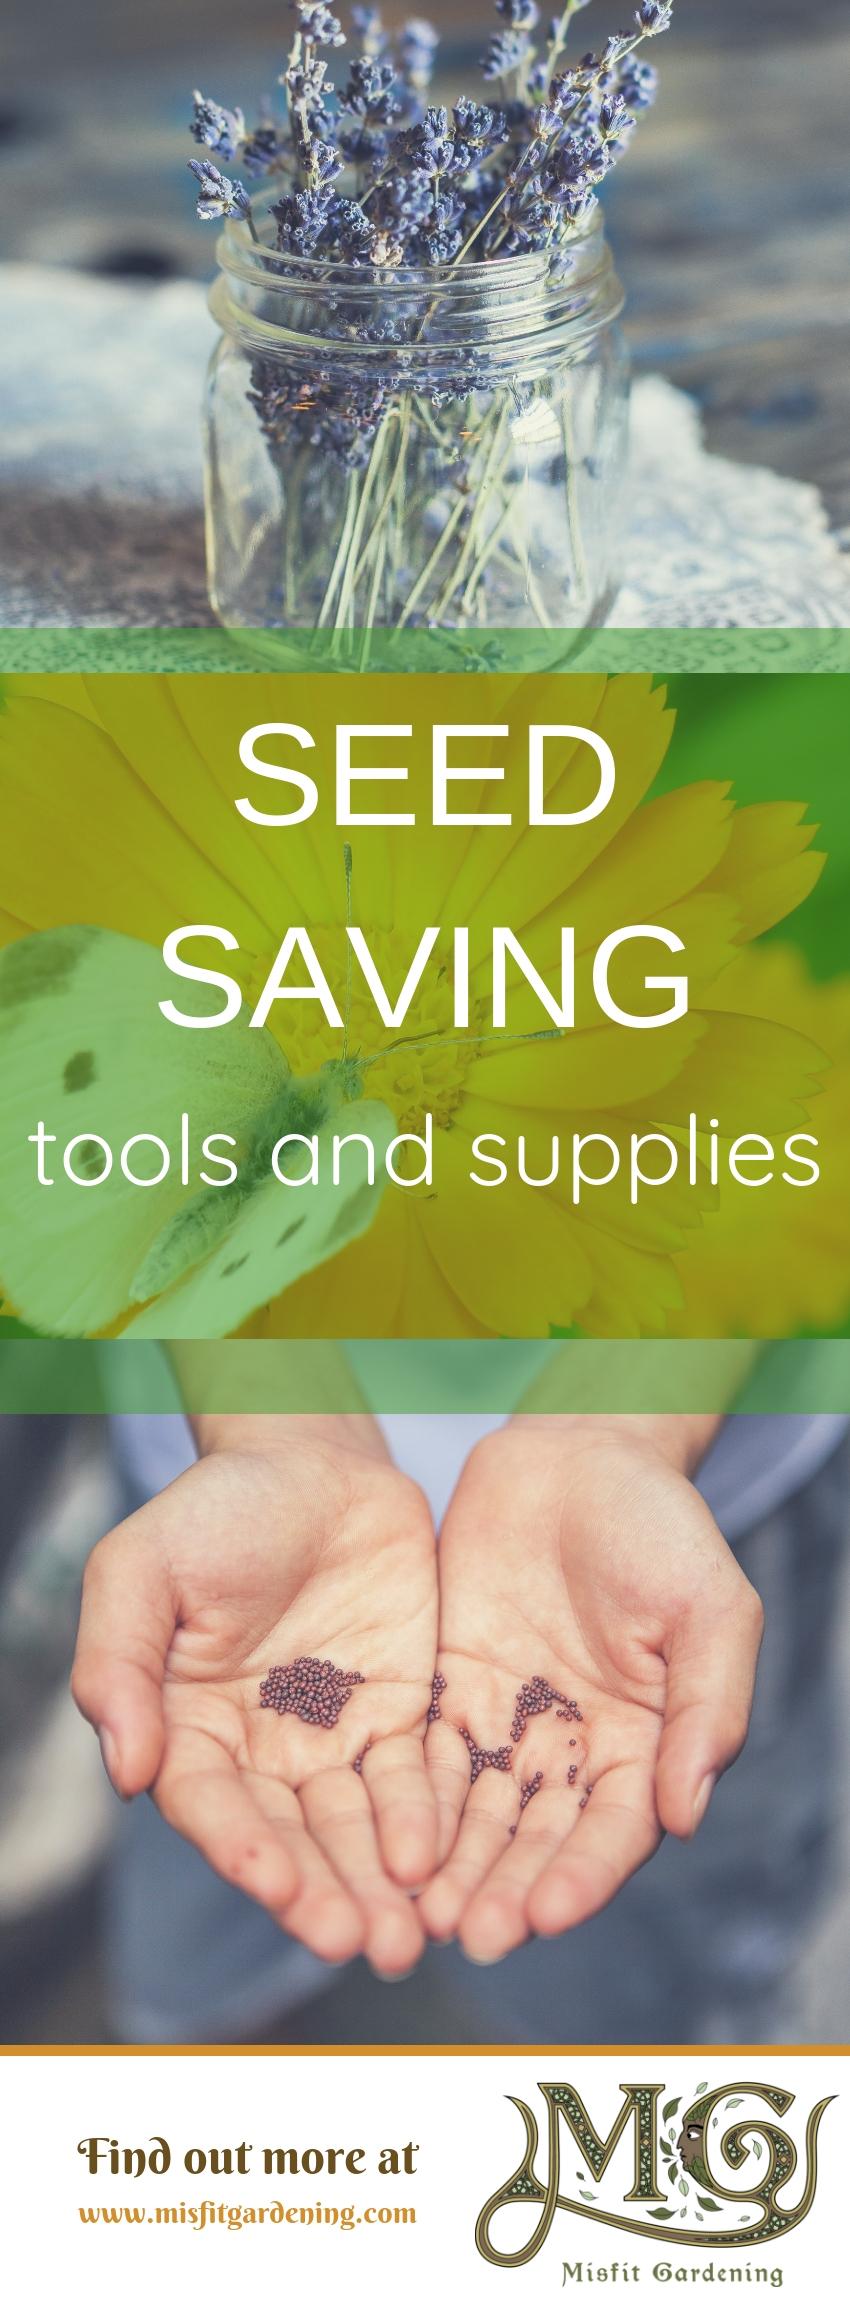 Informieren Sie sich über günstige und einfache Saatgutsparvorräte und -werkzeuge, mit denen Sie offen bestäubtes Saatgut sparen können. Klicken Sie hier, um mehr zu erfahren, oder stecken Sie es ein und speichern Sie es für später. #gardening #seedsaving #homestead